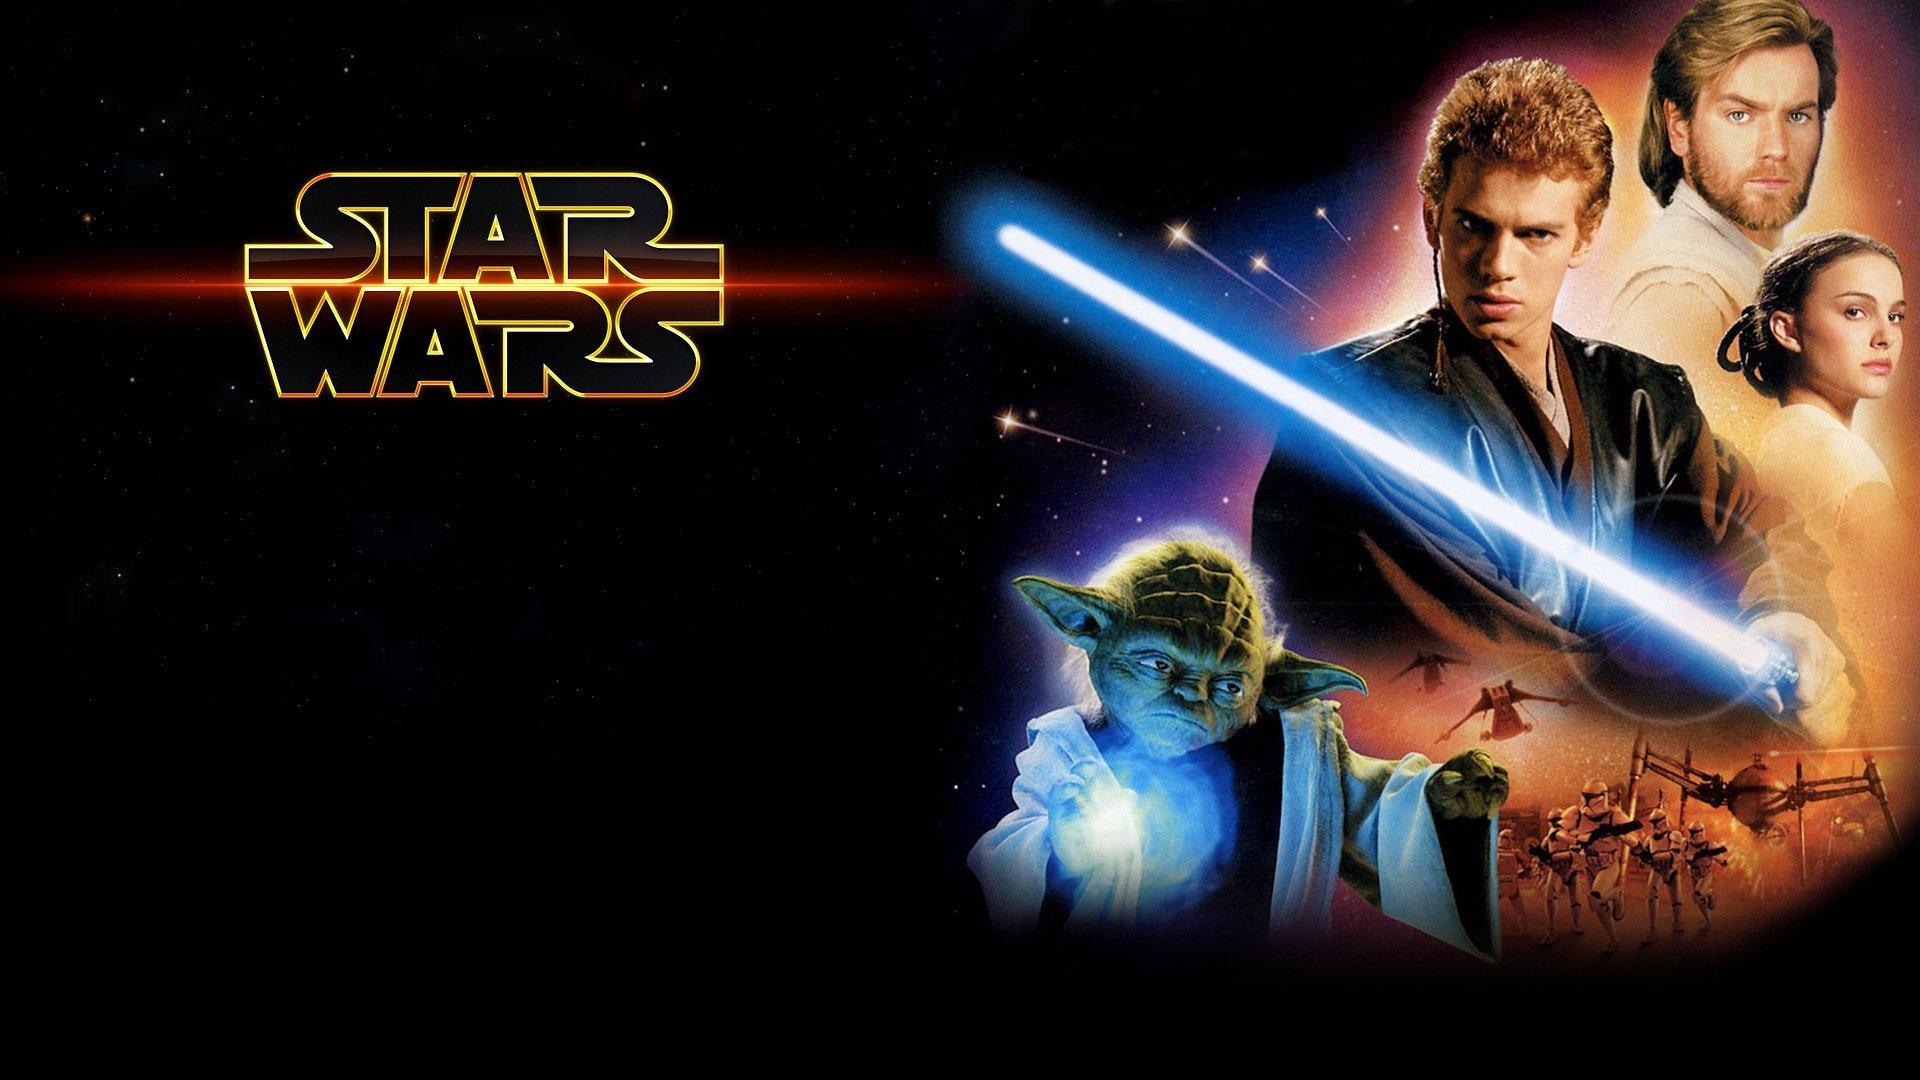 Джей Джей Абрамс сообщил о начале съемок 9 эпизода Звездных войн